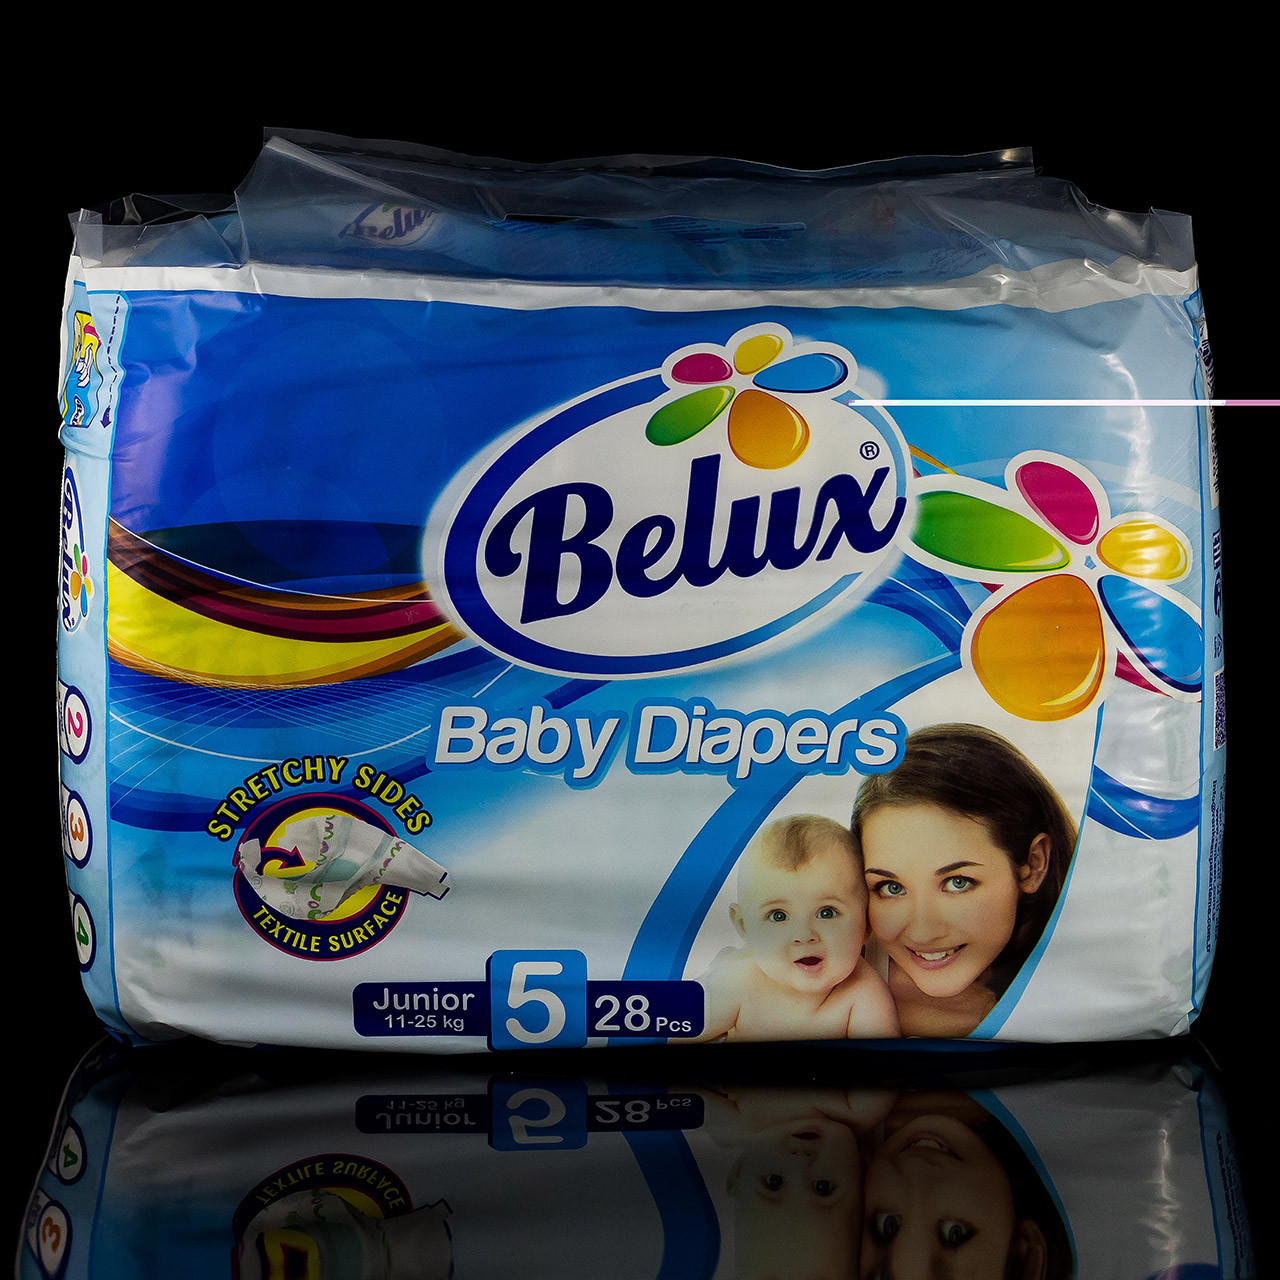 Подгузники Белюкс Belux, 5 junior, 11-25 кг., 28 шт. (98555715)